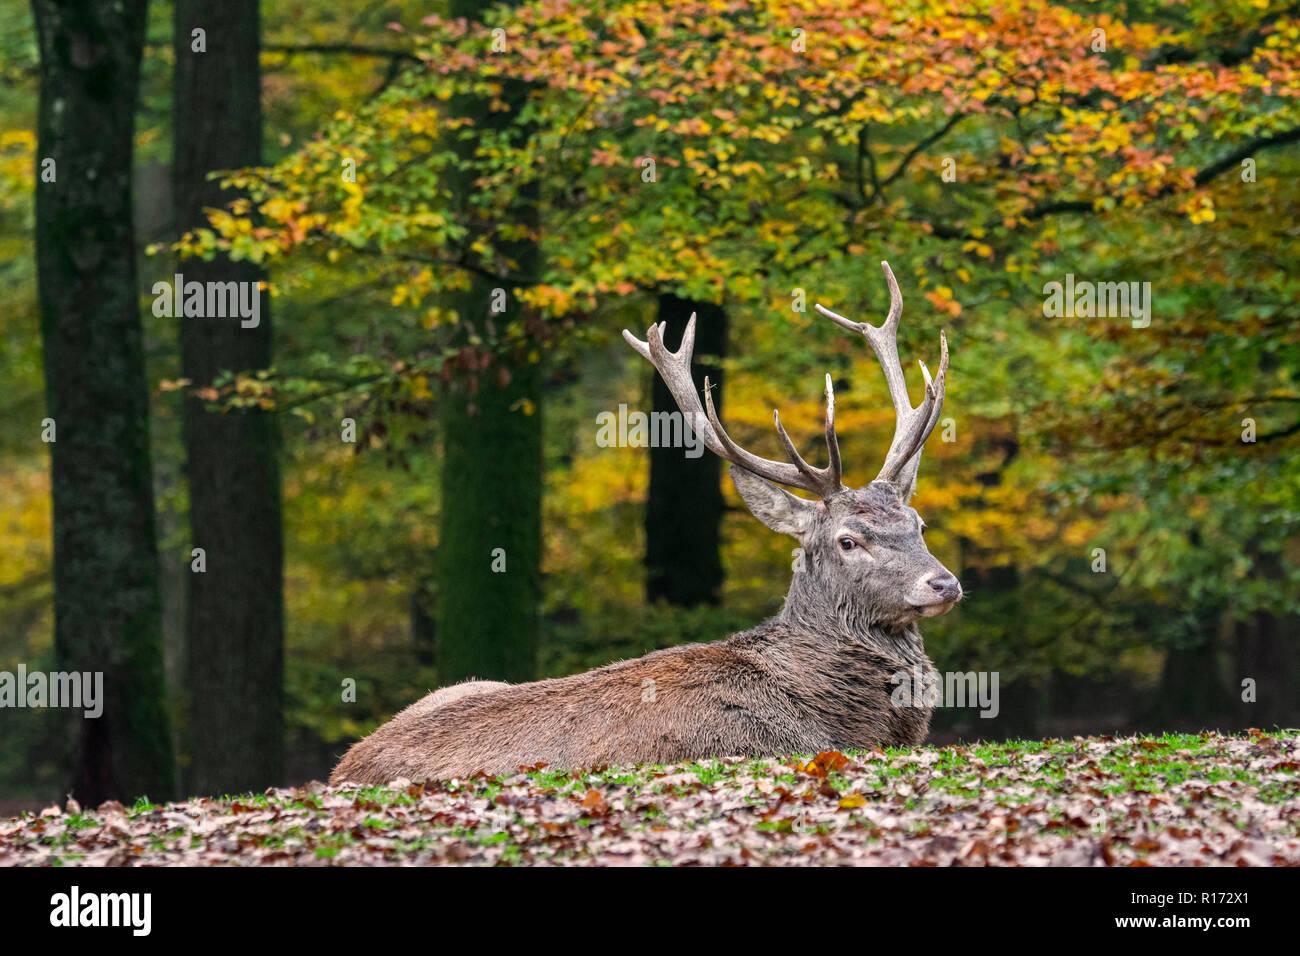 Red Deer (Cervus elaphus) stag / homme reposant dans forêt d'automne dans les Ardennes durant la saison de chasse Banque D'Images